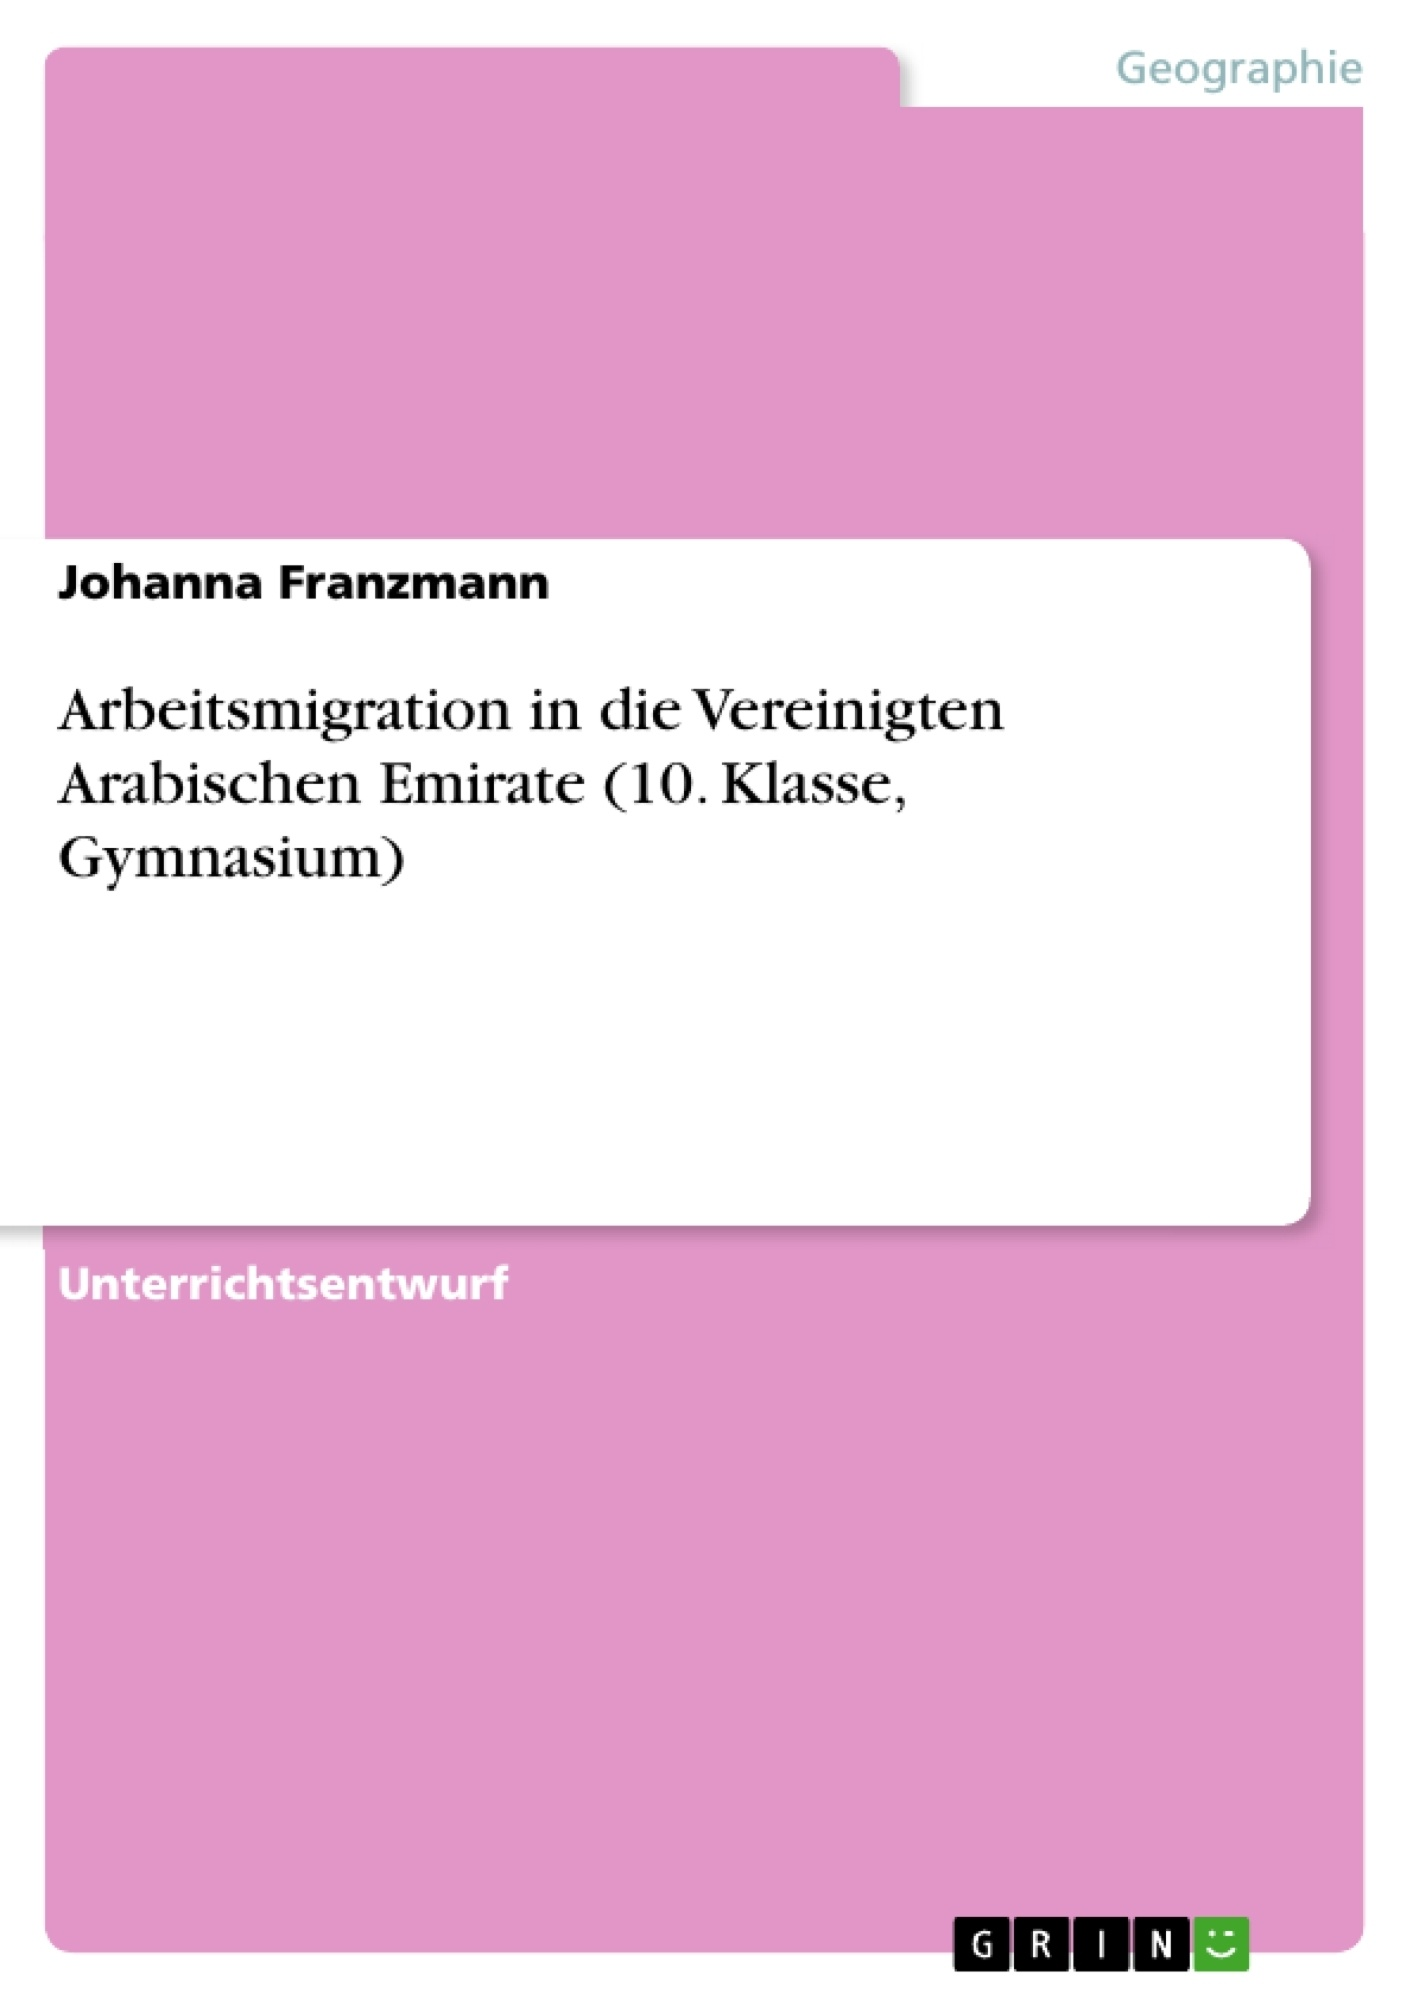 Titel: Arbeitsmigration in die Vereinigten Arabischen Emirate (10. Klasse, Gymnasium)